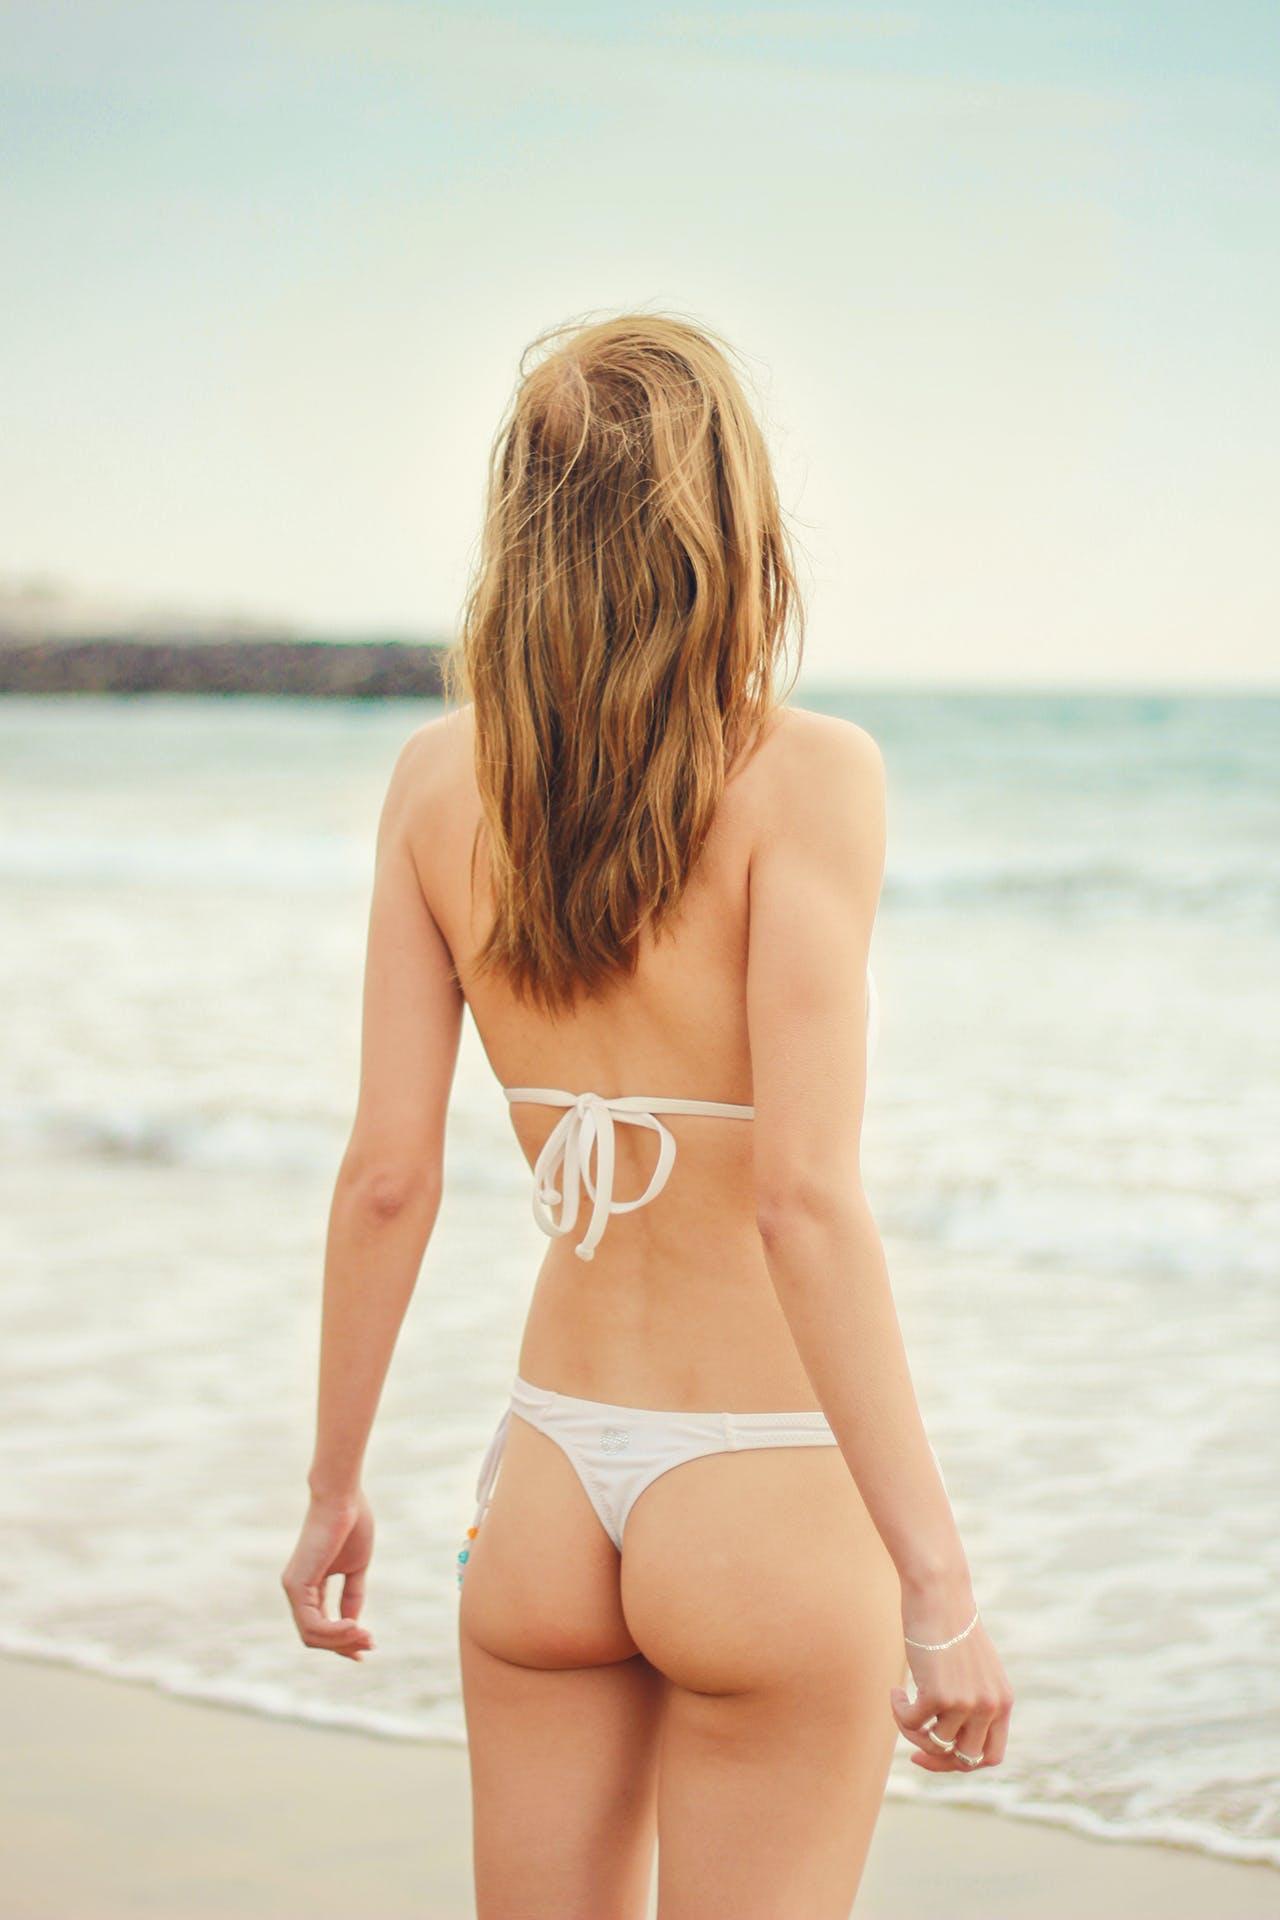 back view, beach, bikini